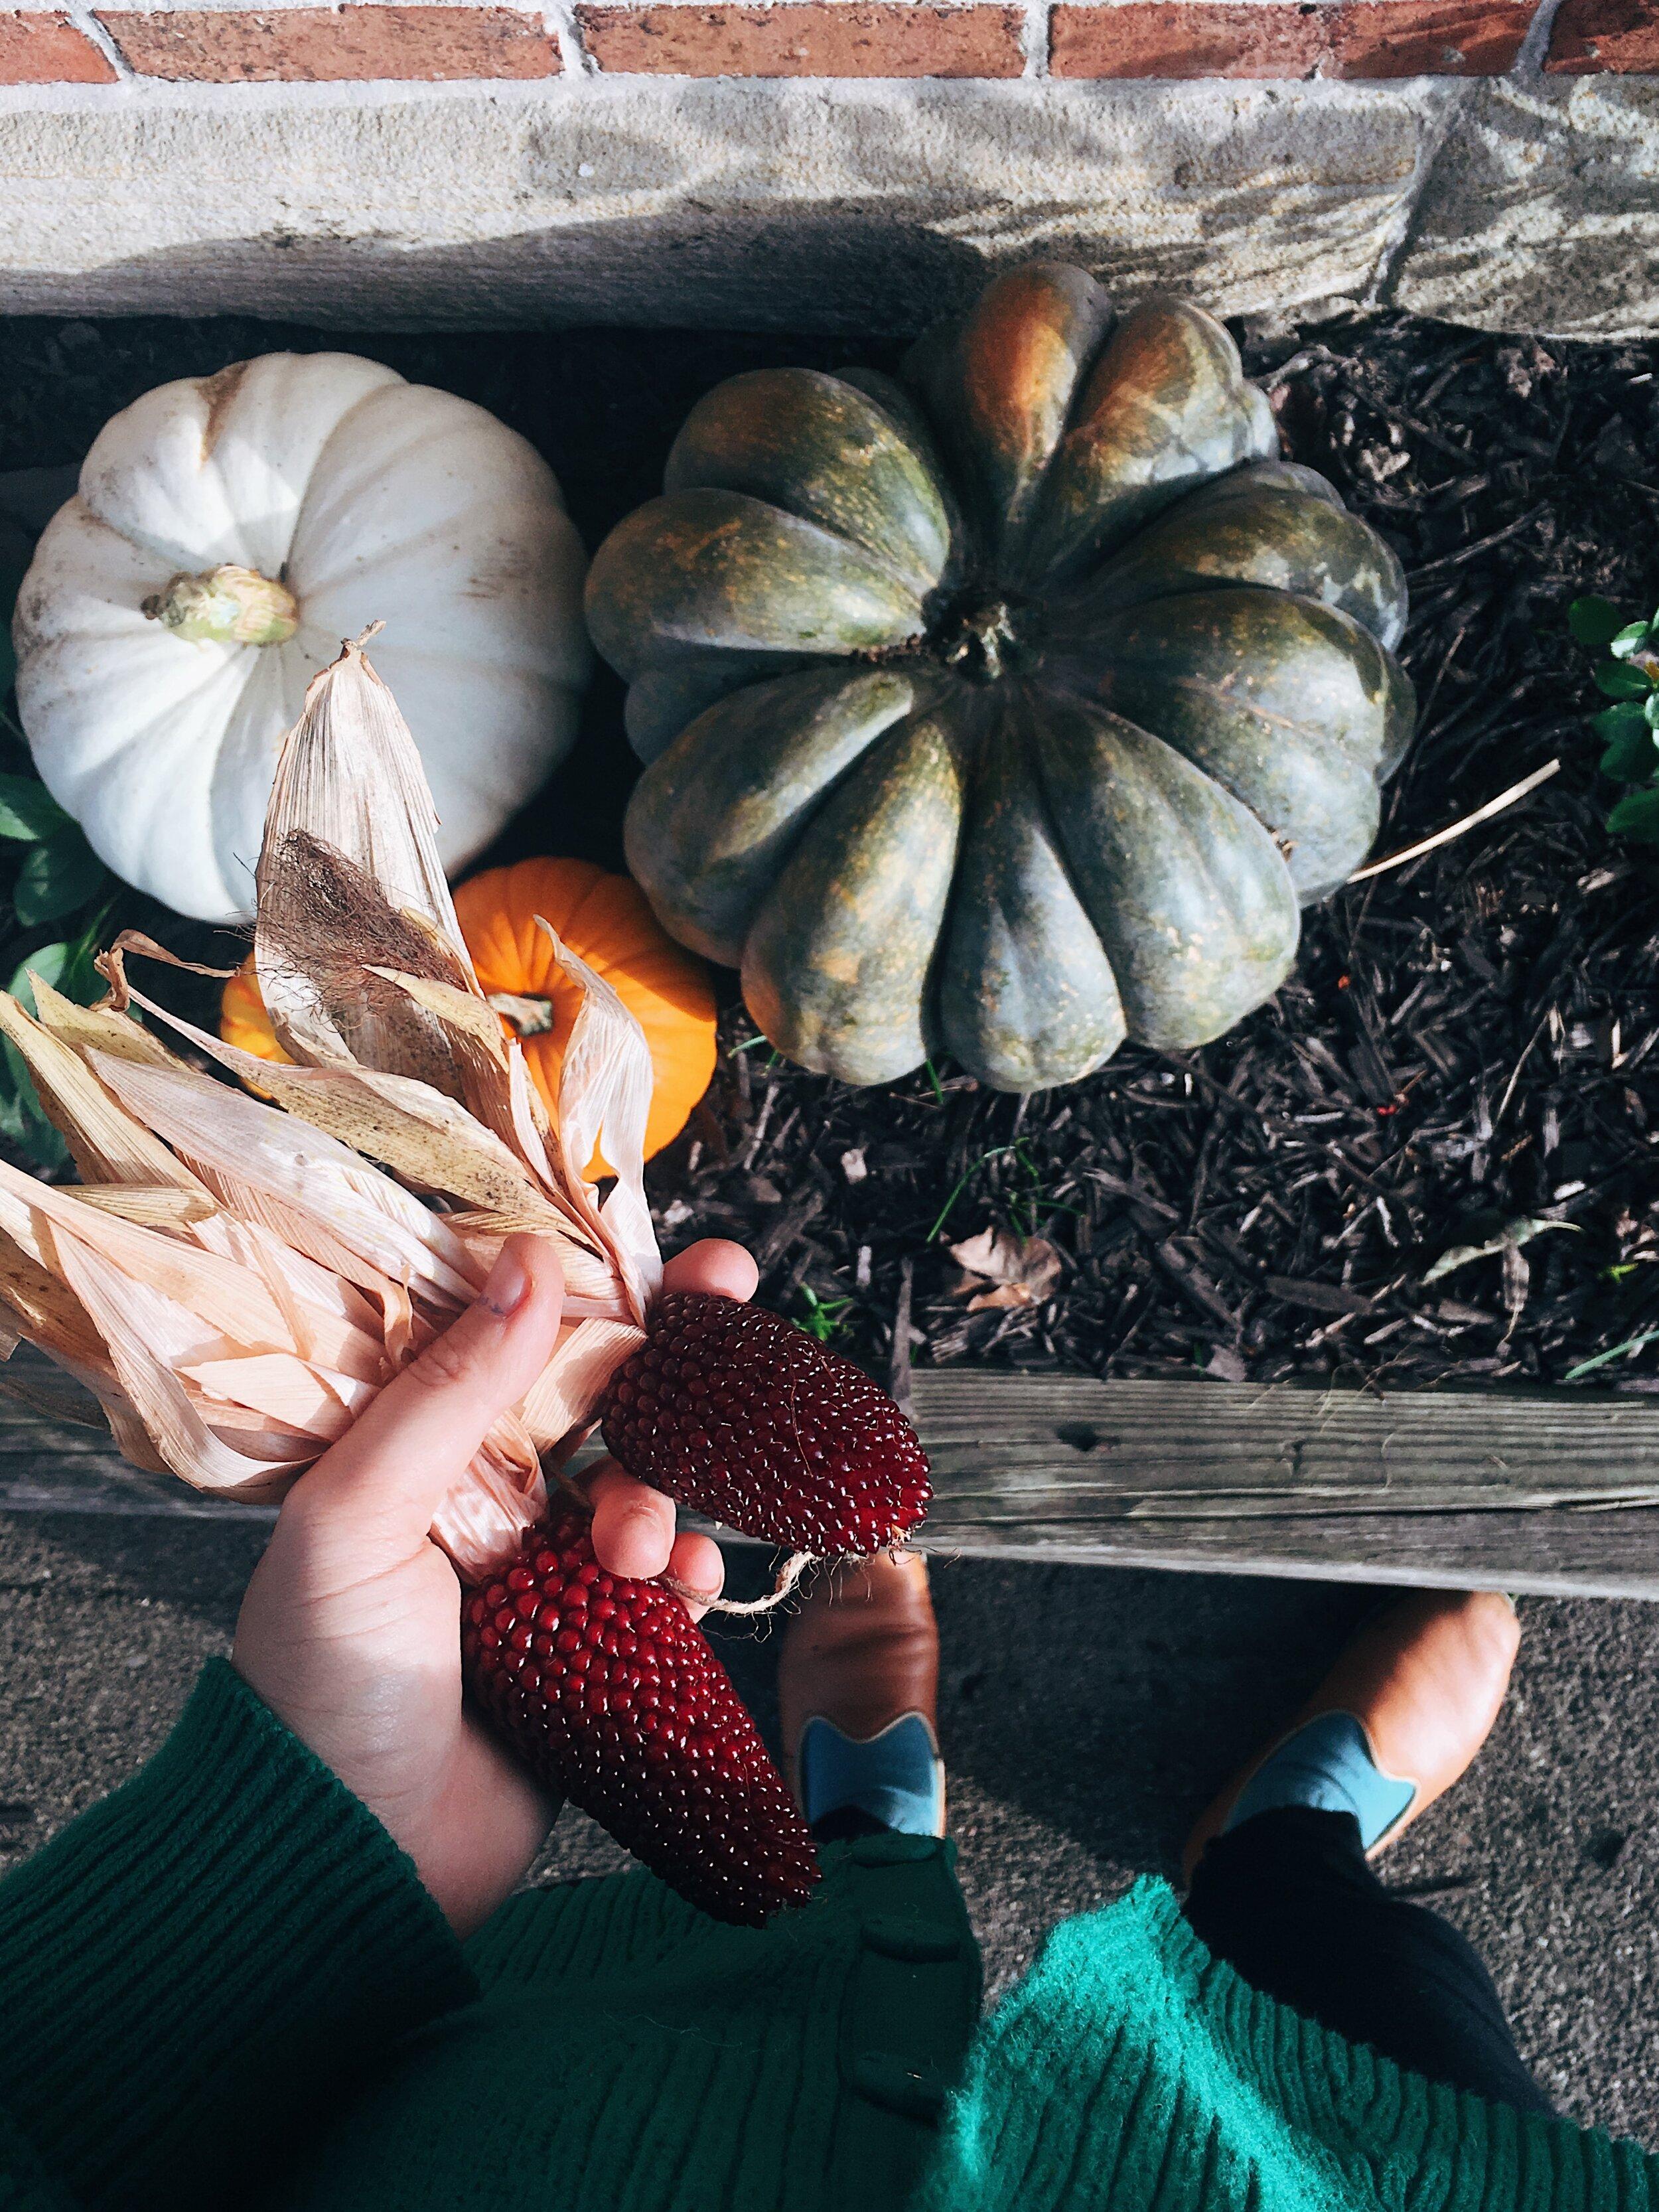 heirloom pumpkins and dent corn autumn in ohio by samantha spigos